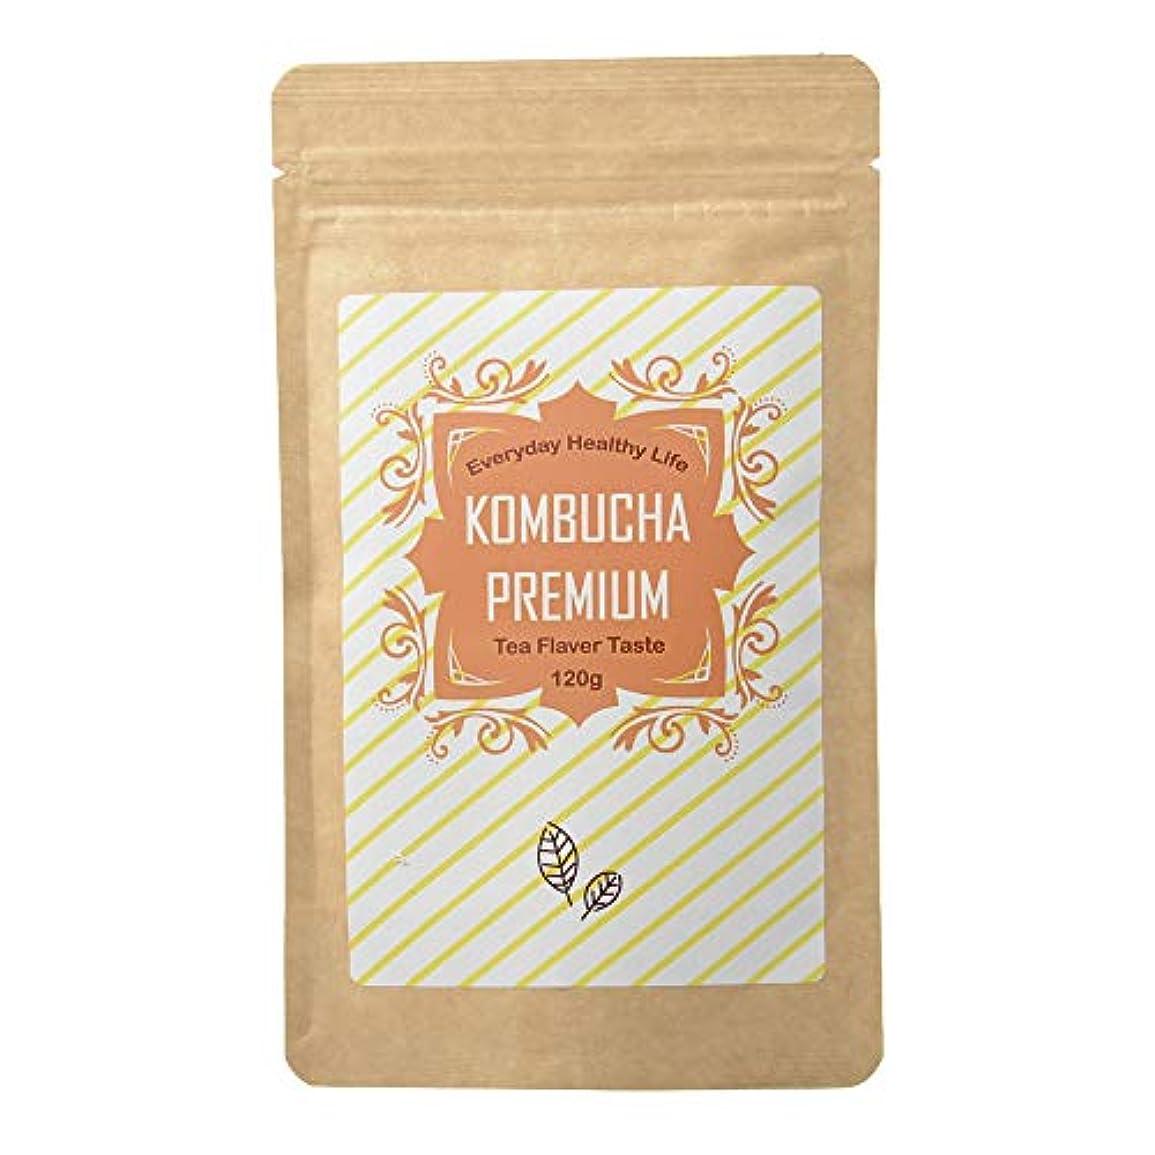 転倒気難しい目の前のコンブチャプレミアム (KOMBUCHA PREMIUM) ストレートティー味 日本製 粉末 飲料 [内容量120g /説明書付き]